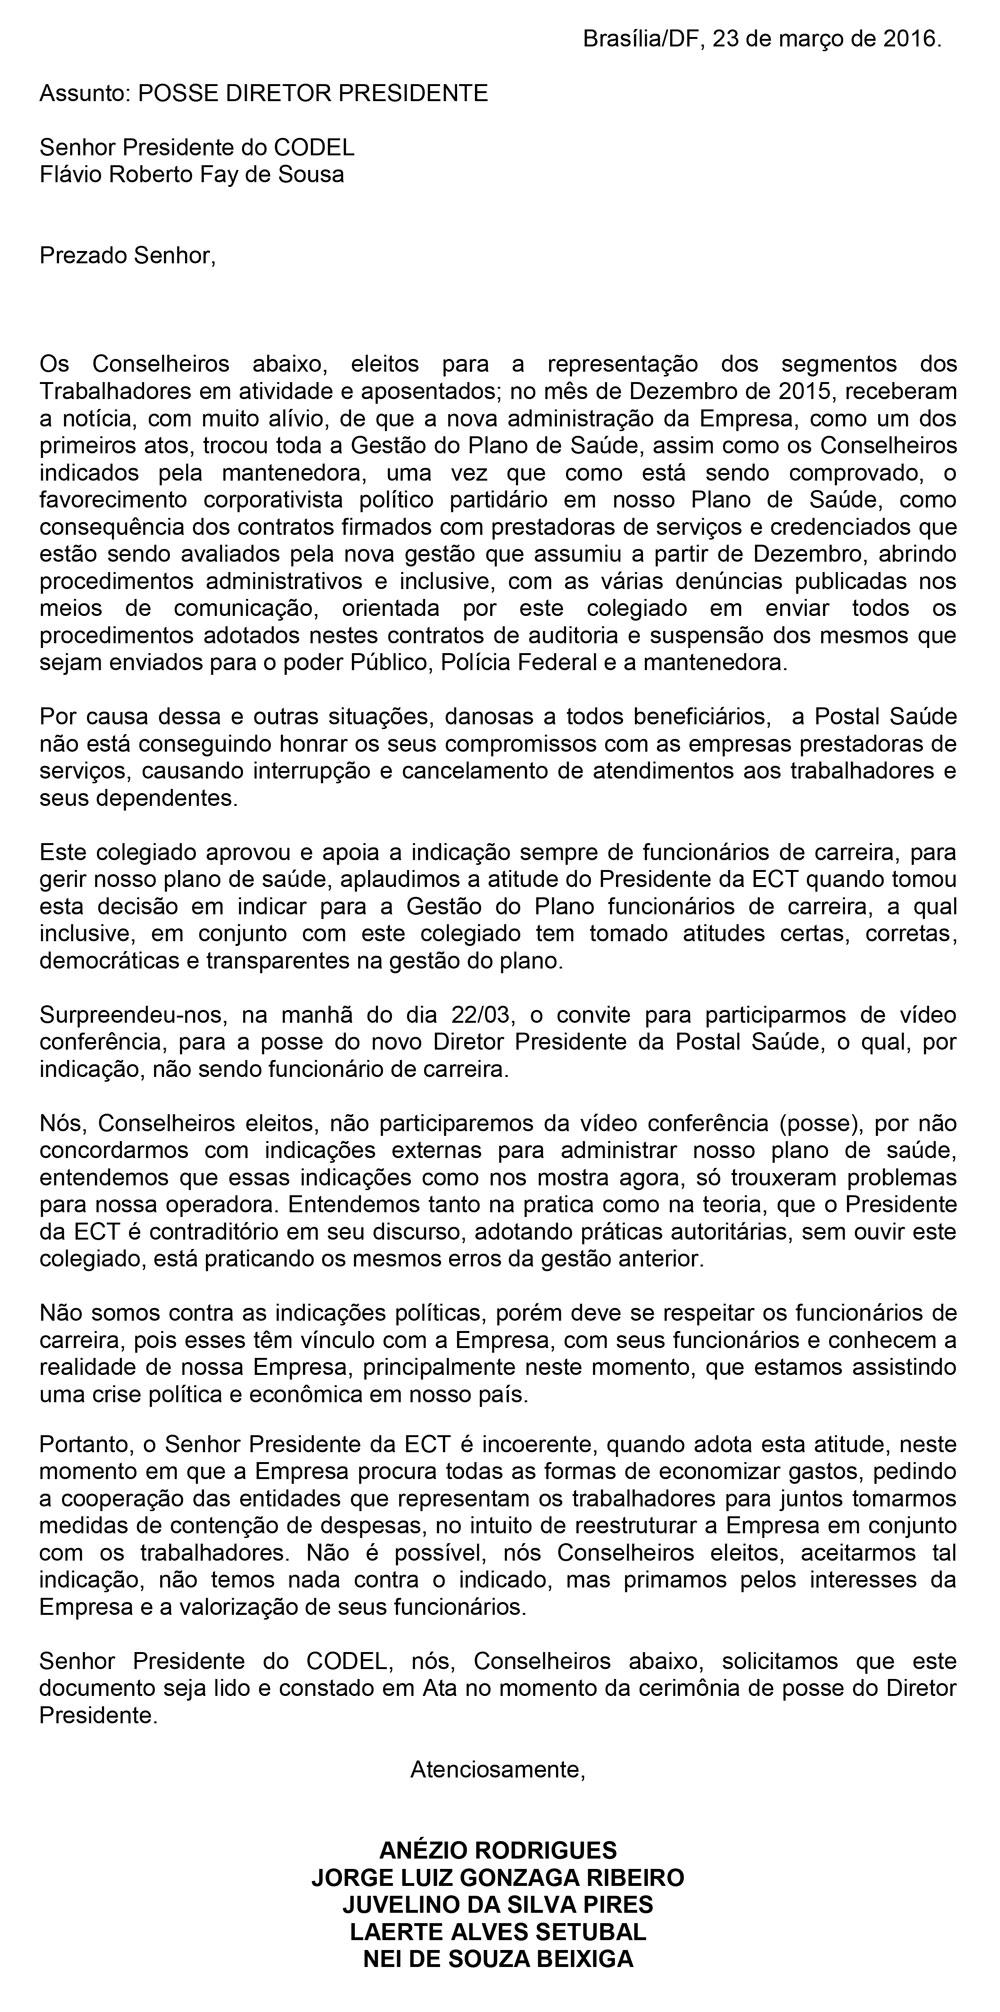 carta_nomeacao_diretor_presidente_PostalSaude